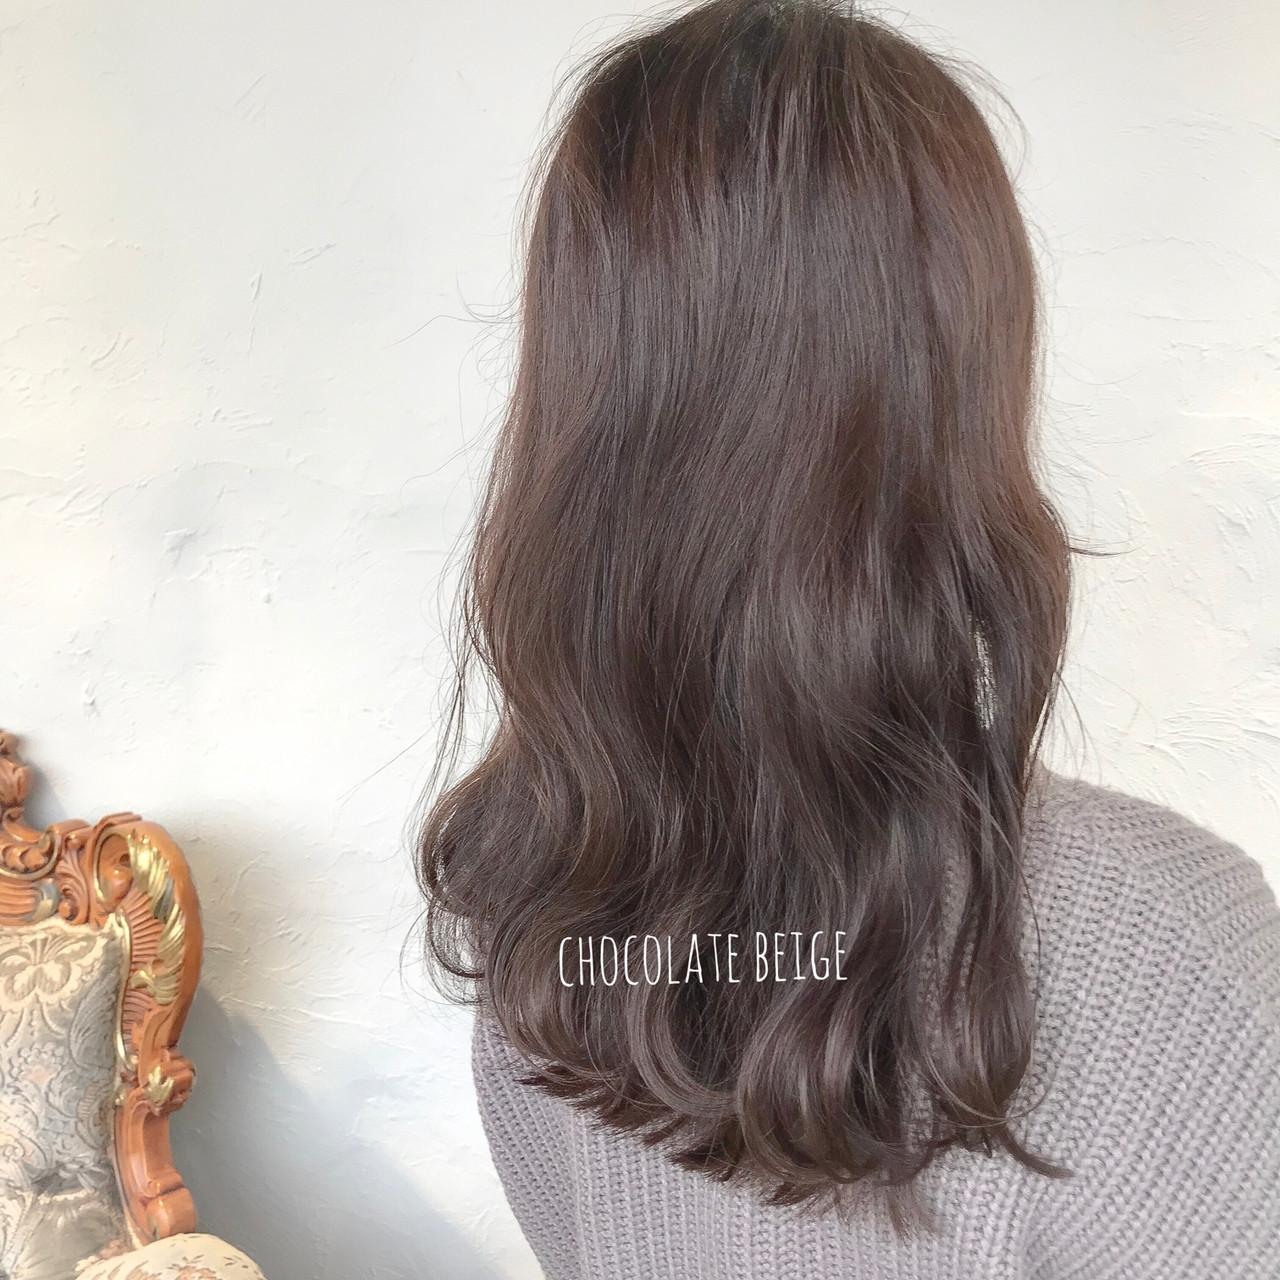 ミルクティーベージュ ブルーアッシュ セミロング ショコラブラウンヘアスタイルや髪型の写真・画像